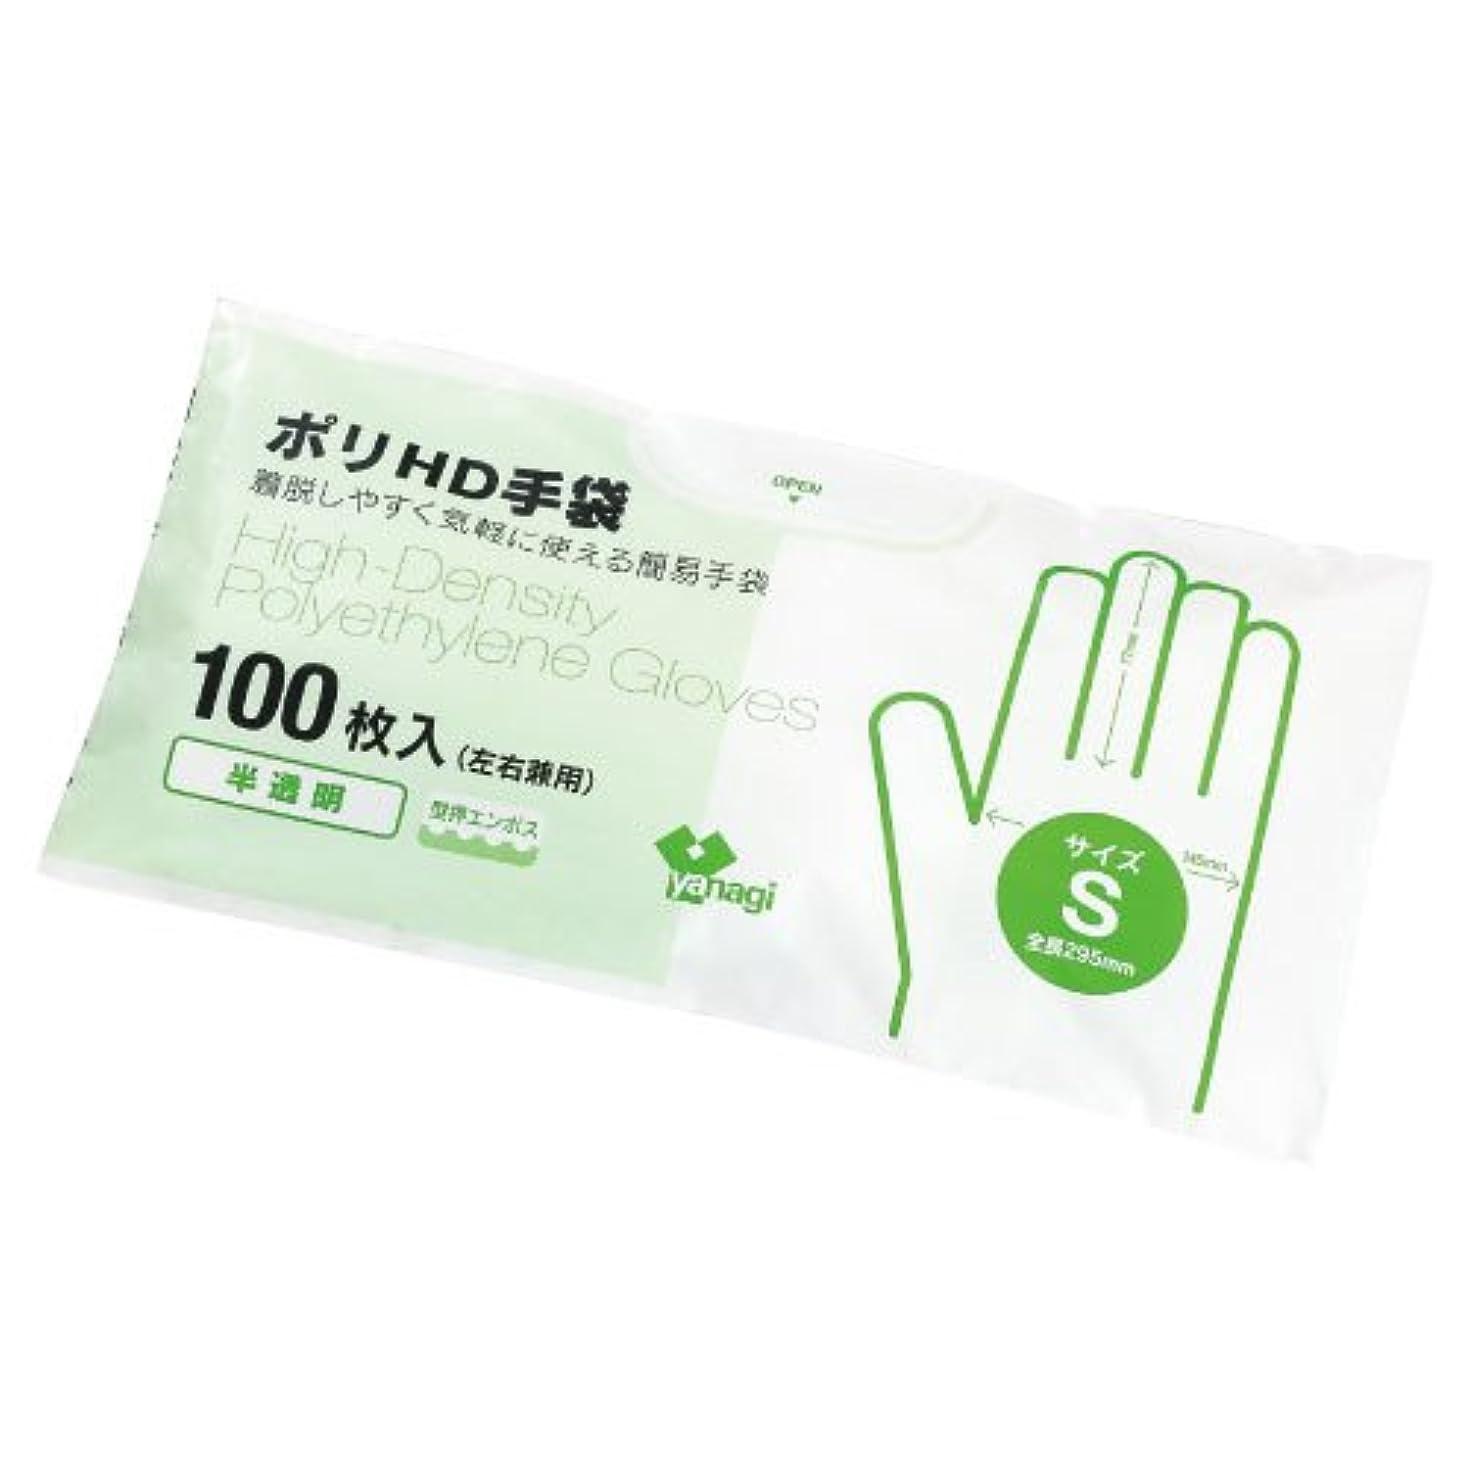 あさりどっち撤回するポリHD手袋(半透明)型押エンボス TB-204(L)100???? ???HD???????????????(24-2575-02)【やなぎプロダクツ】[120袋単位]